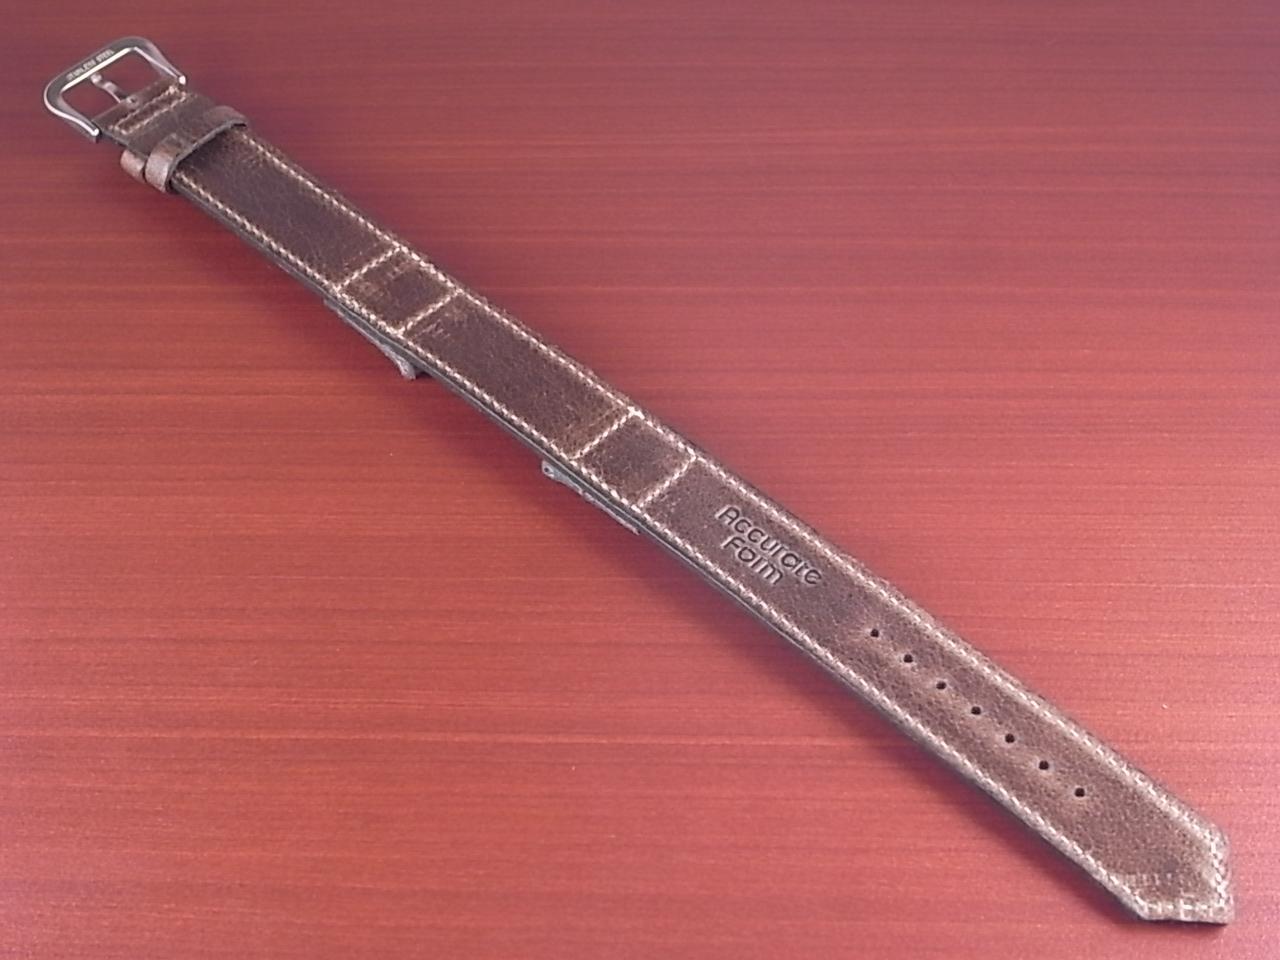 ホーウィン クロムエクセル 米軍タイプ革ベルト ナチュラル 16mmの写真2枚目